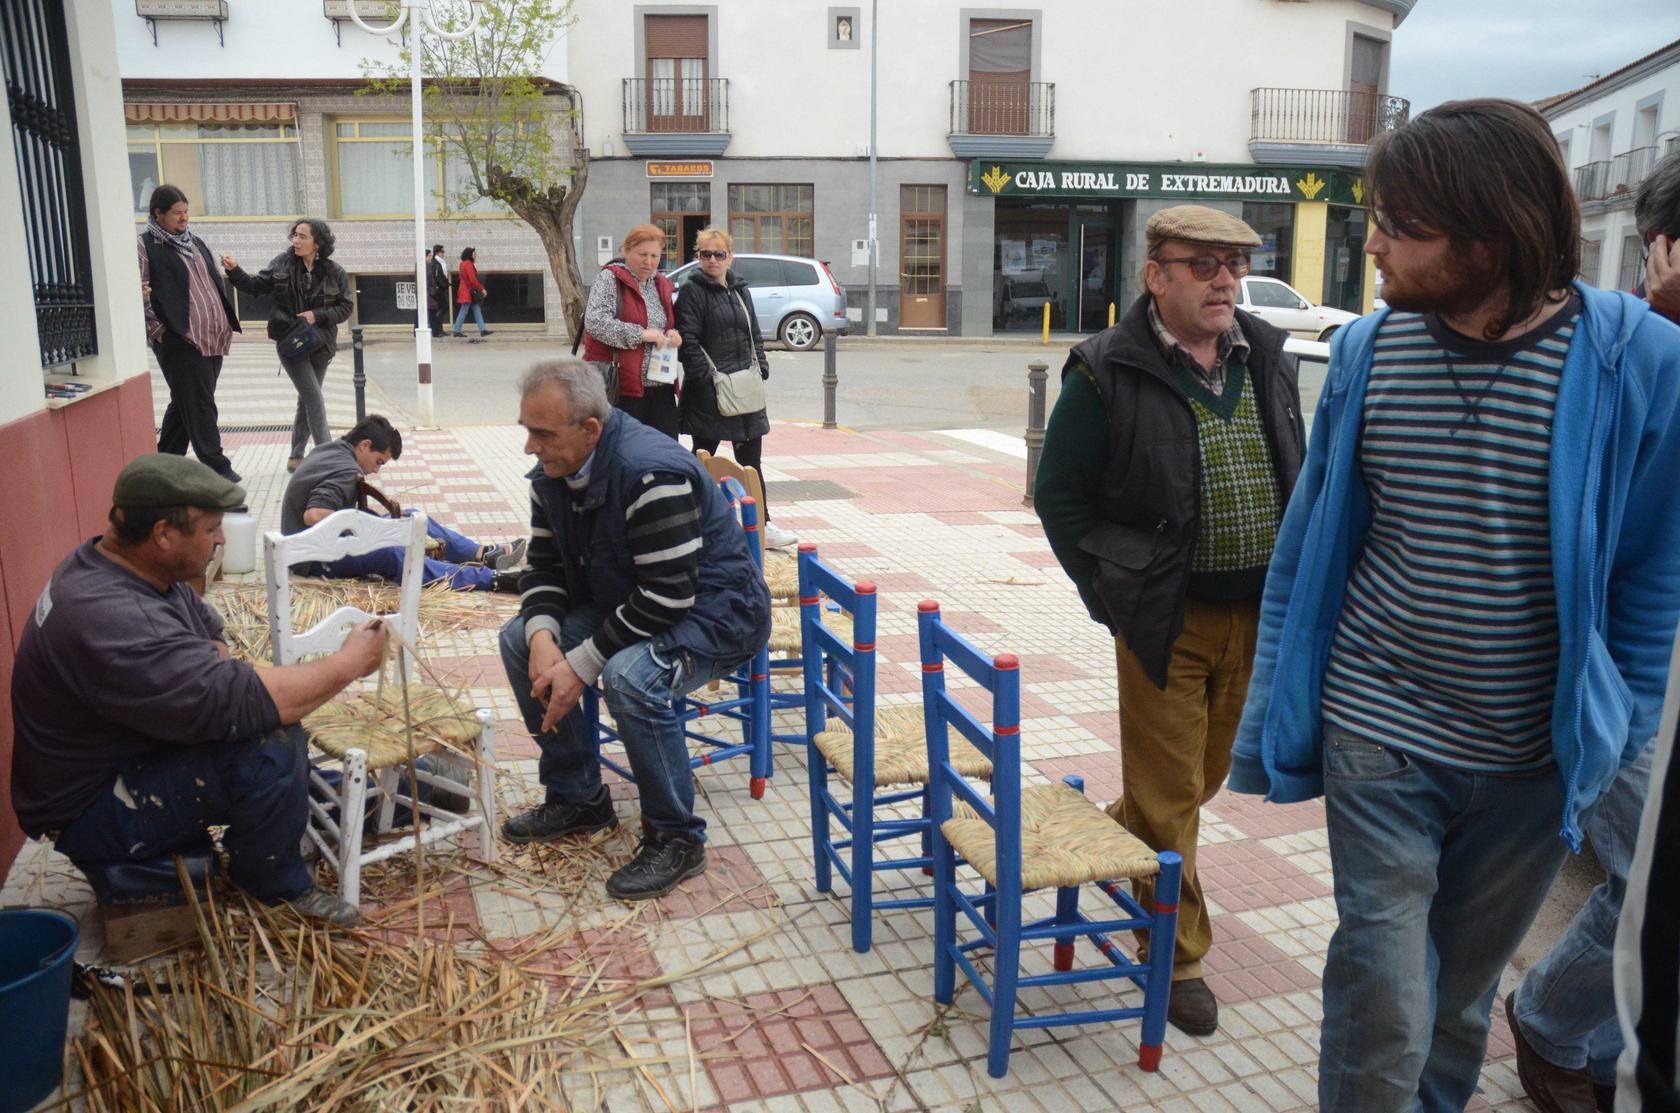 Se aplaza un desahucio en Arroyo de San Serván al no presentarse la secretaria judicial